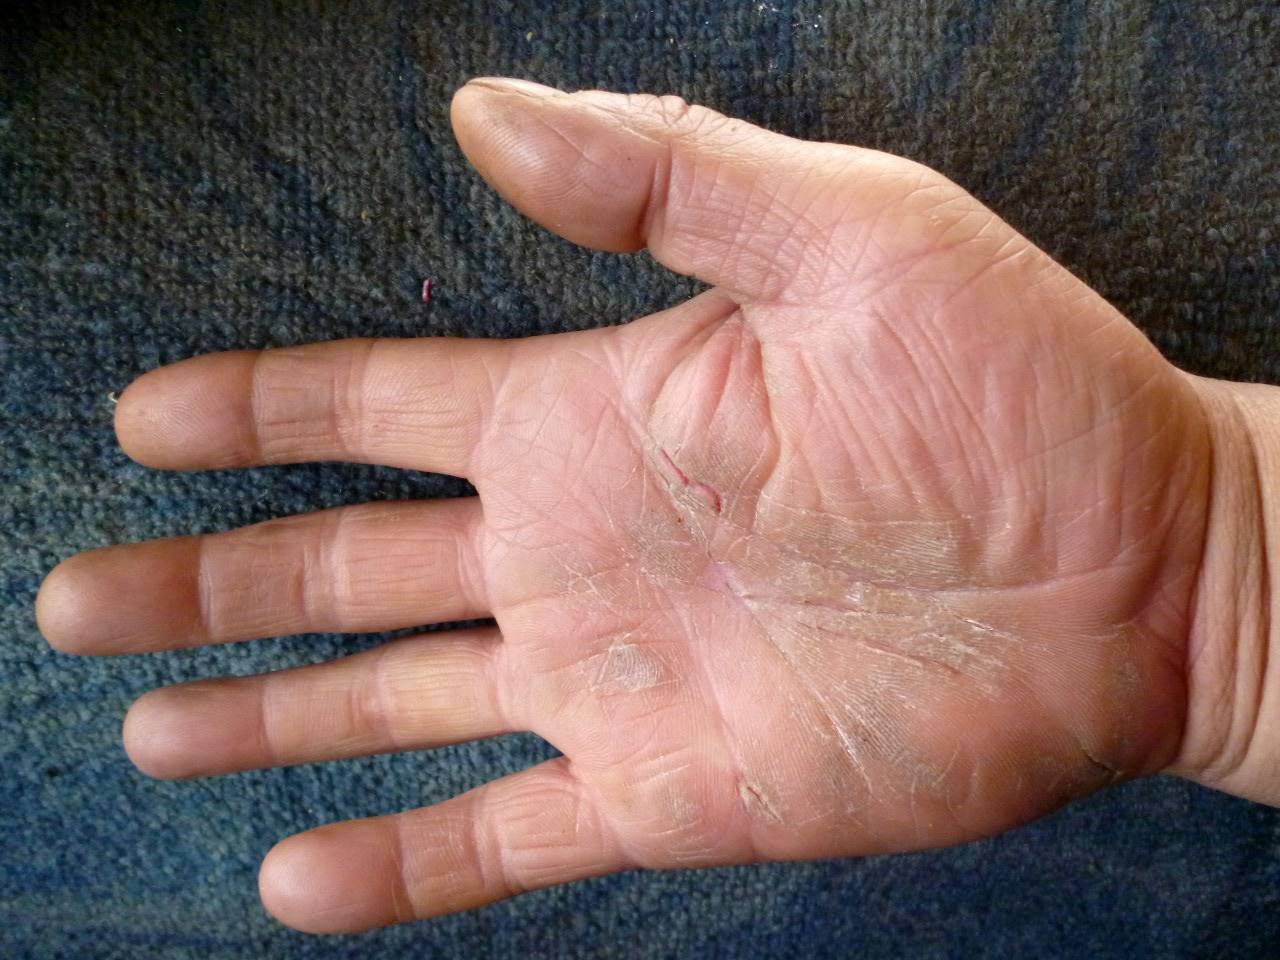 Причины шелушения кожи на ладонях у детей и взрослых - что делать и средства лечения